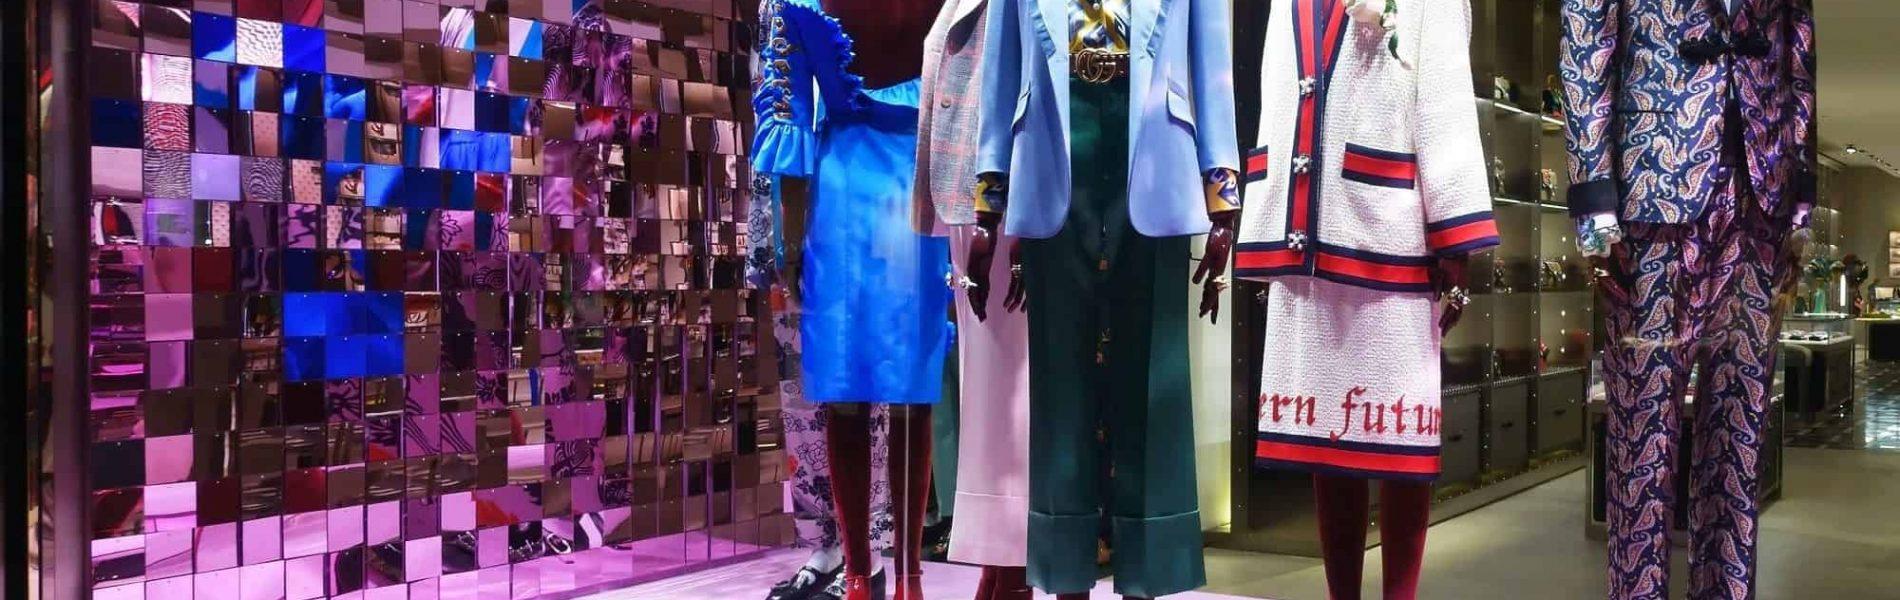 מילאנו: 8 מקומות לשופינג זול בבירת האופנה העולמית